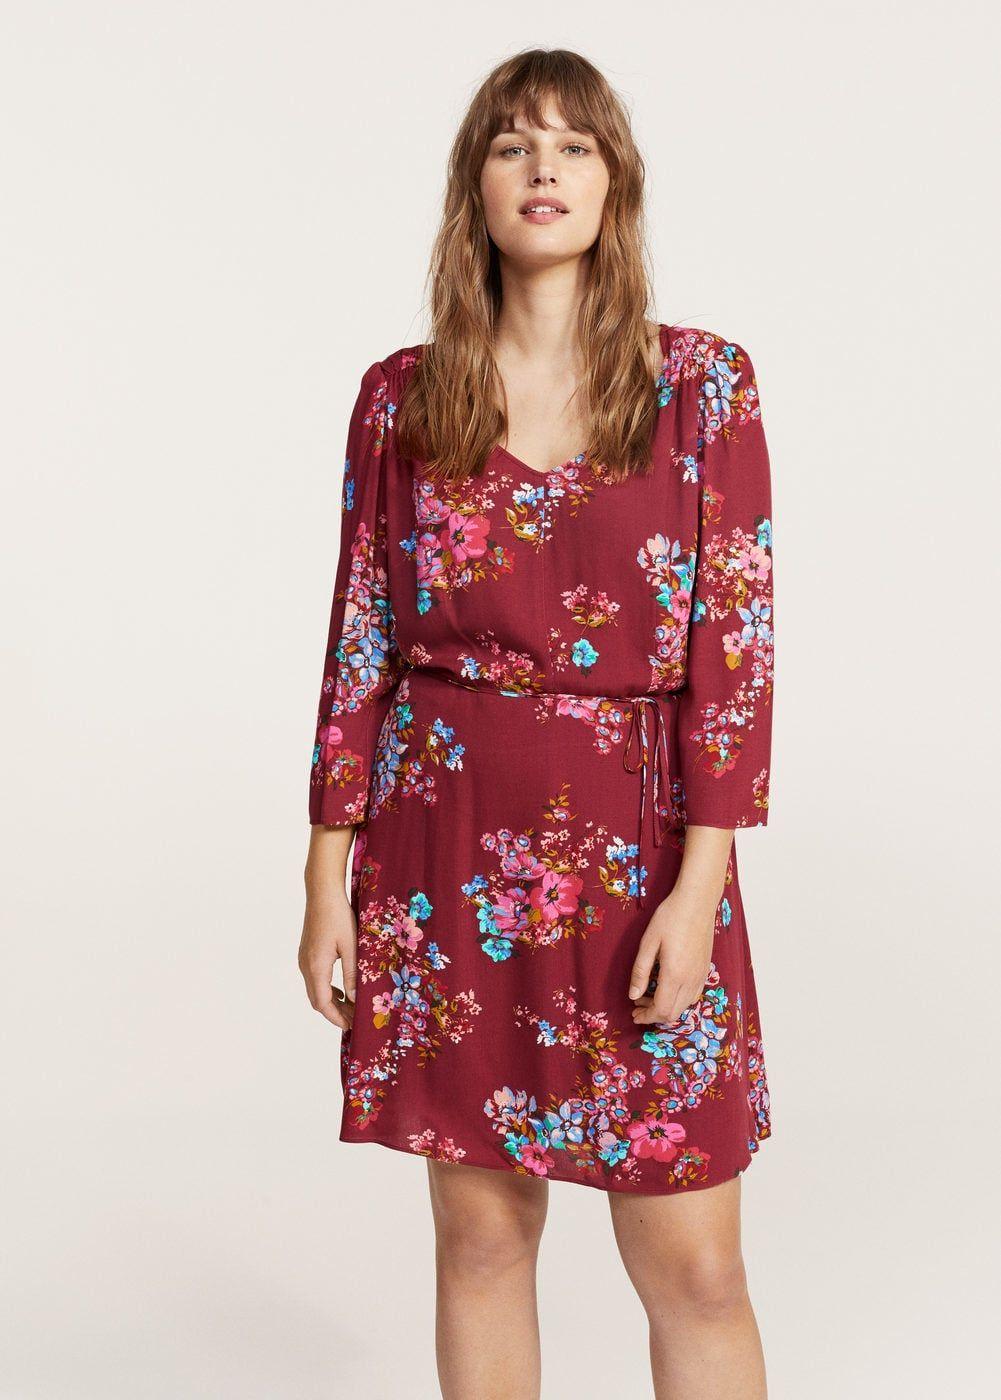 Kleid mit blumendruck - Große größen | Pinterest | Blumendruck ...